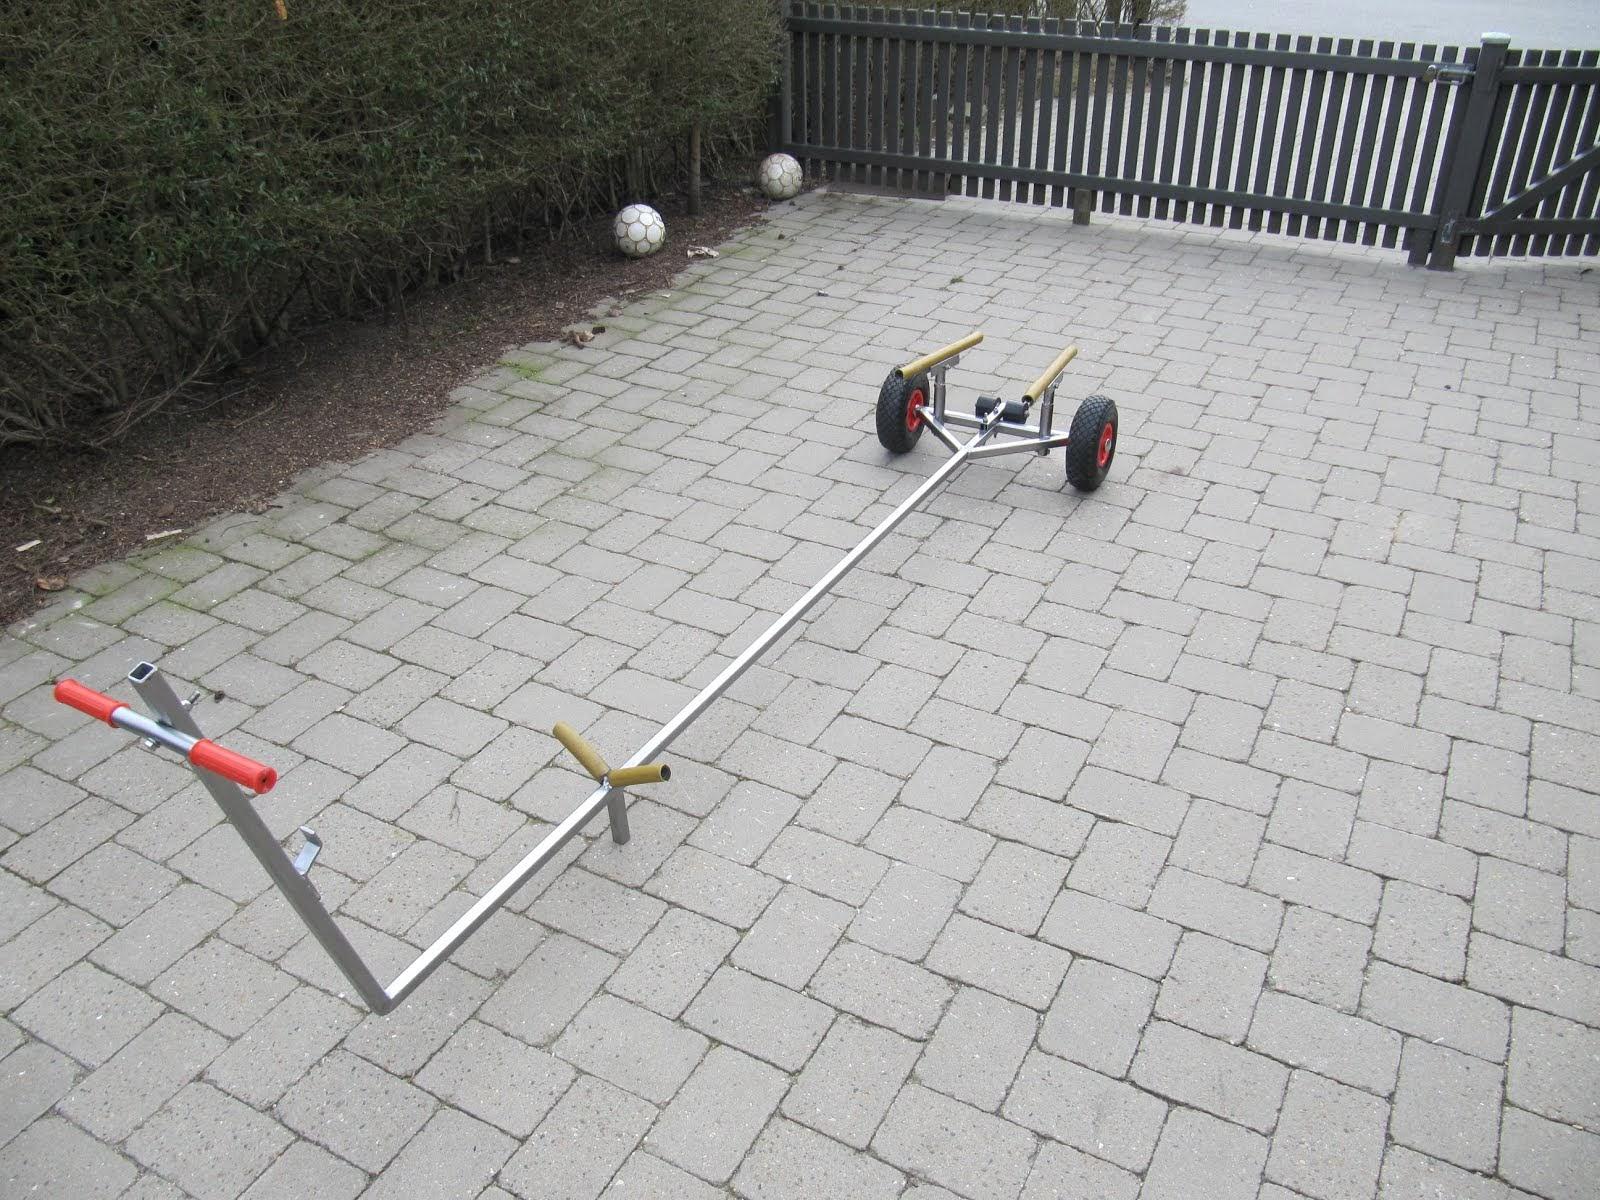 Ny 2014 Hobie vogn se længere nede på blog der er billeder af funktion af vognen